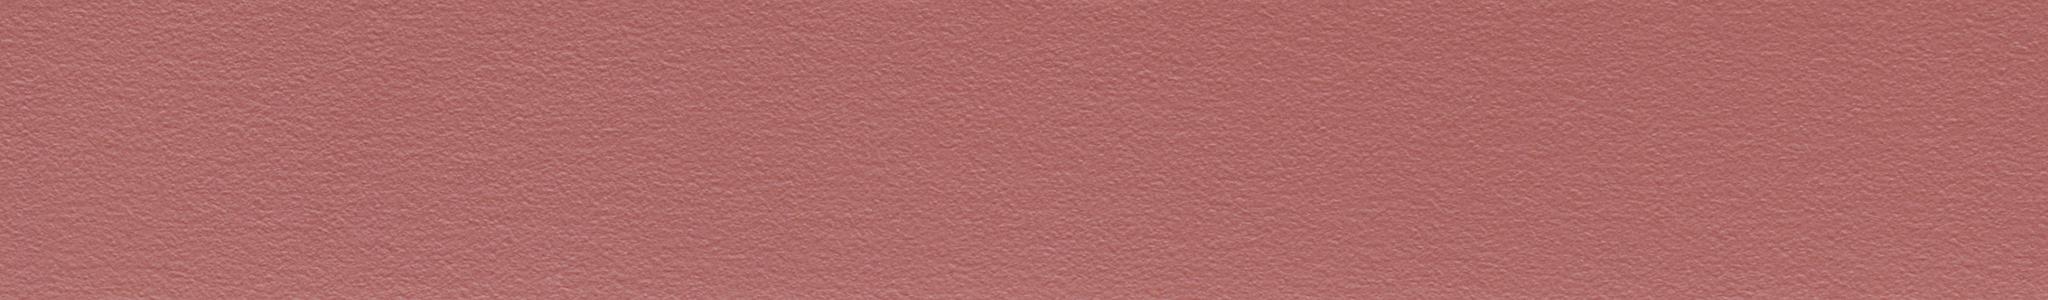 HU 130098 ABS hrana červená perla jemná 107